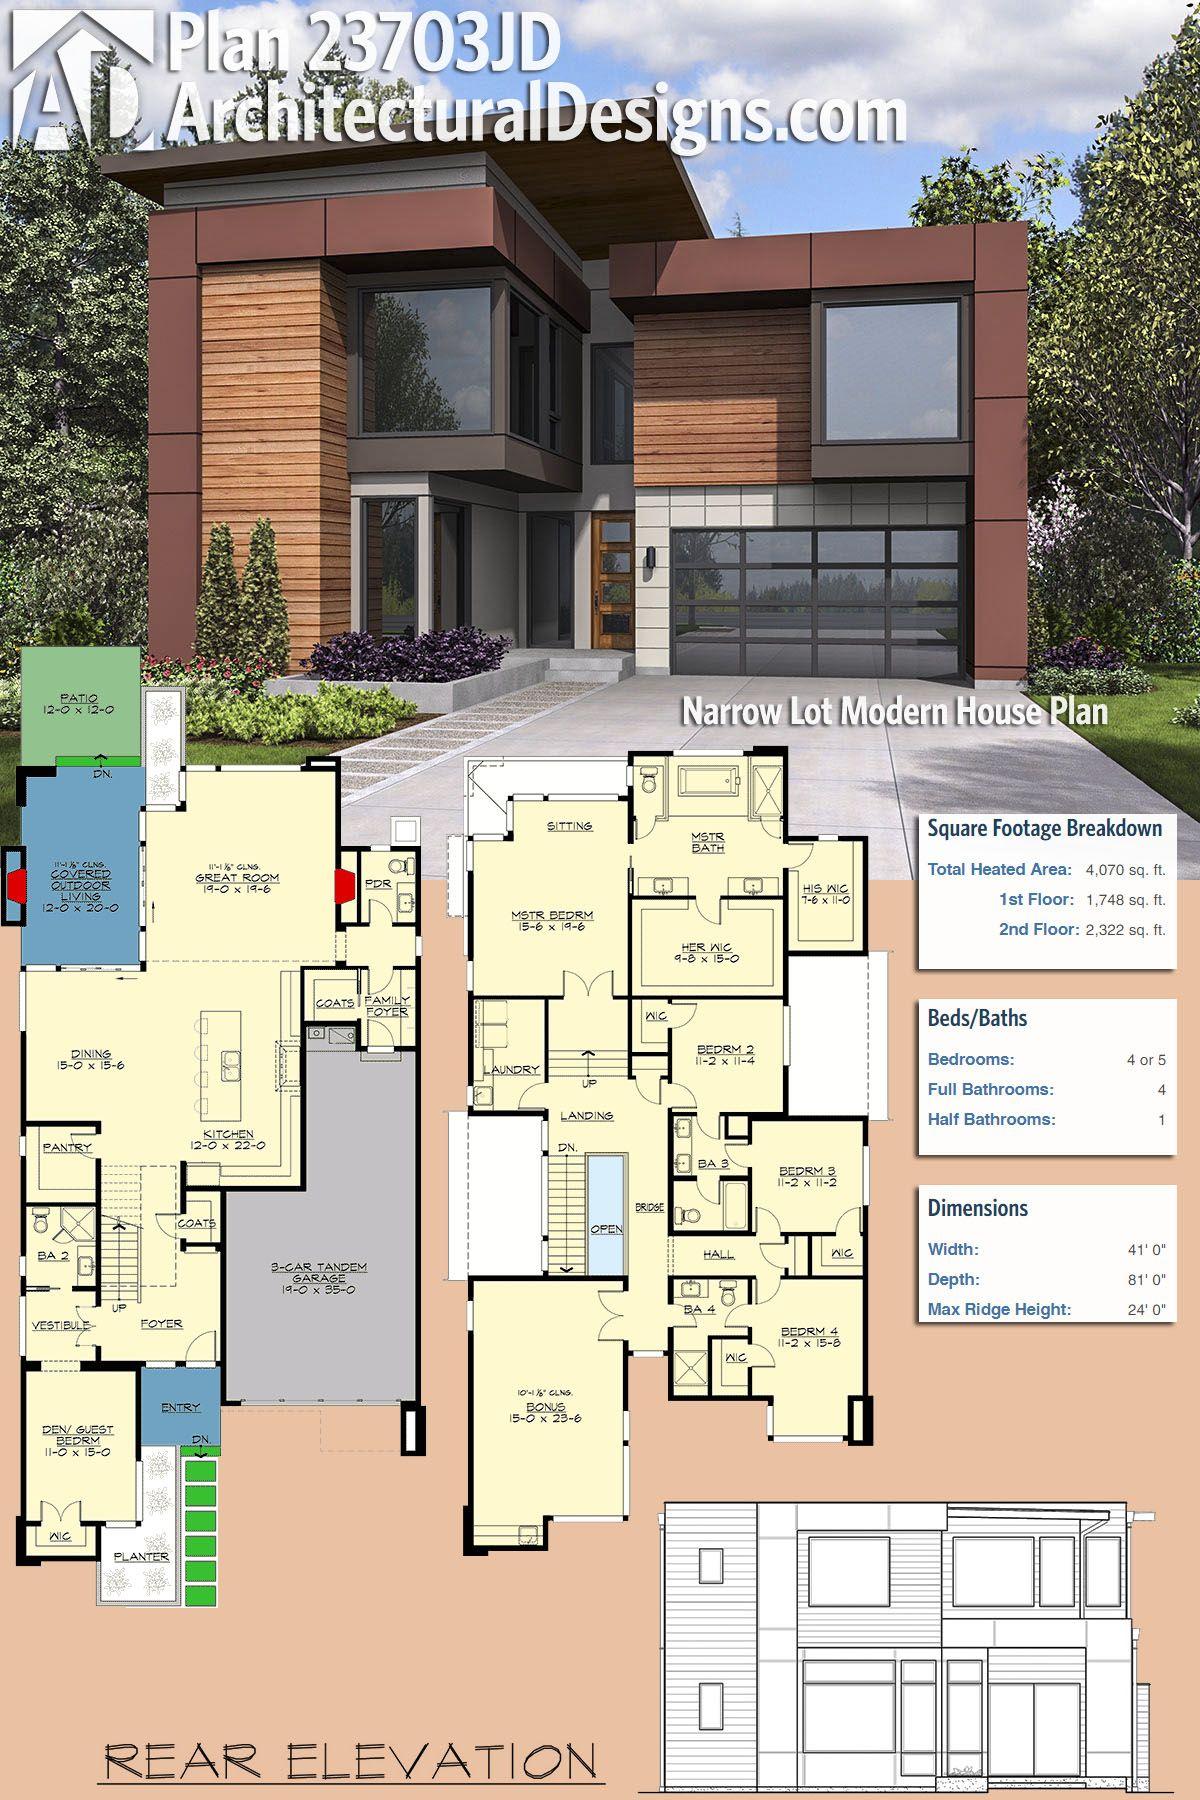 Plan 23703jd Narrow Lot Modern House Plan Modern House Plans